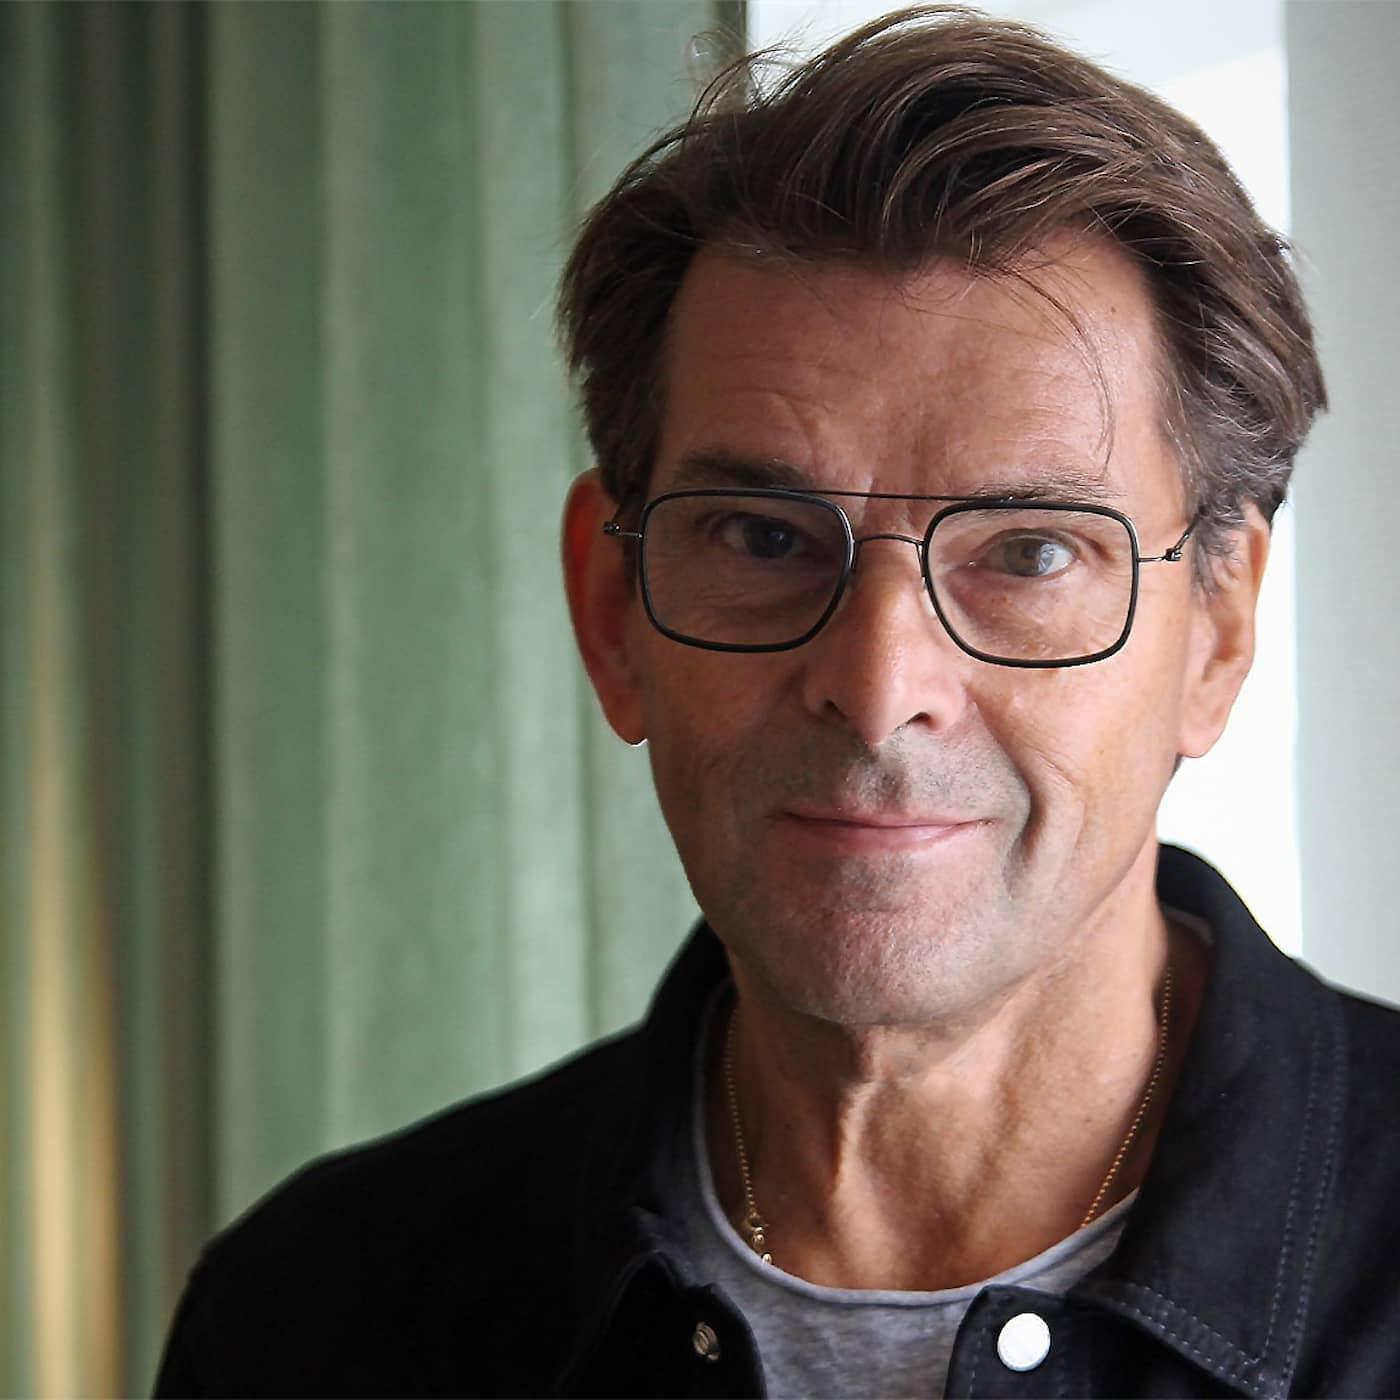 Niklas Strömstedt: Om jag fick börja om skulle jag bli läkare